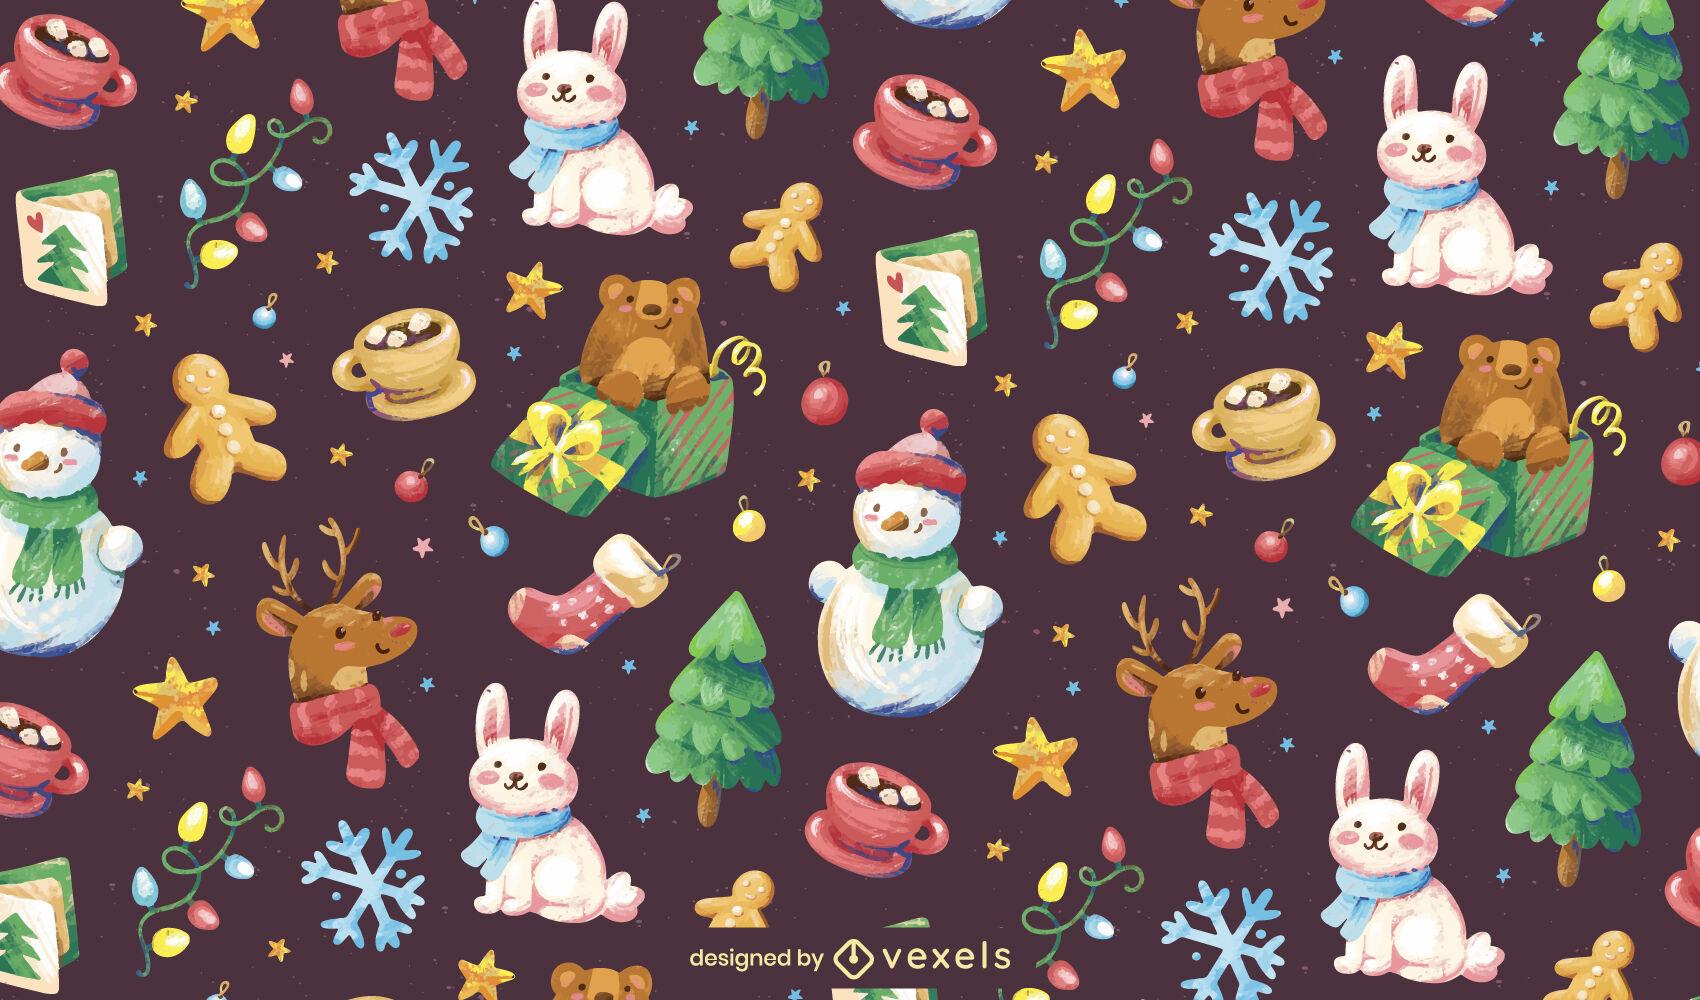 Weihnachtsfeiertagselemente Musterdesign